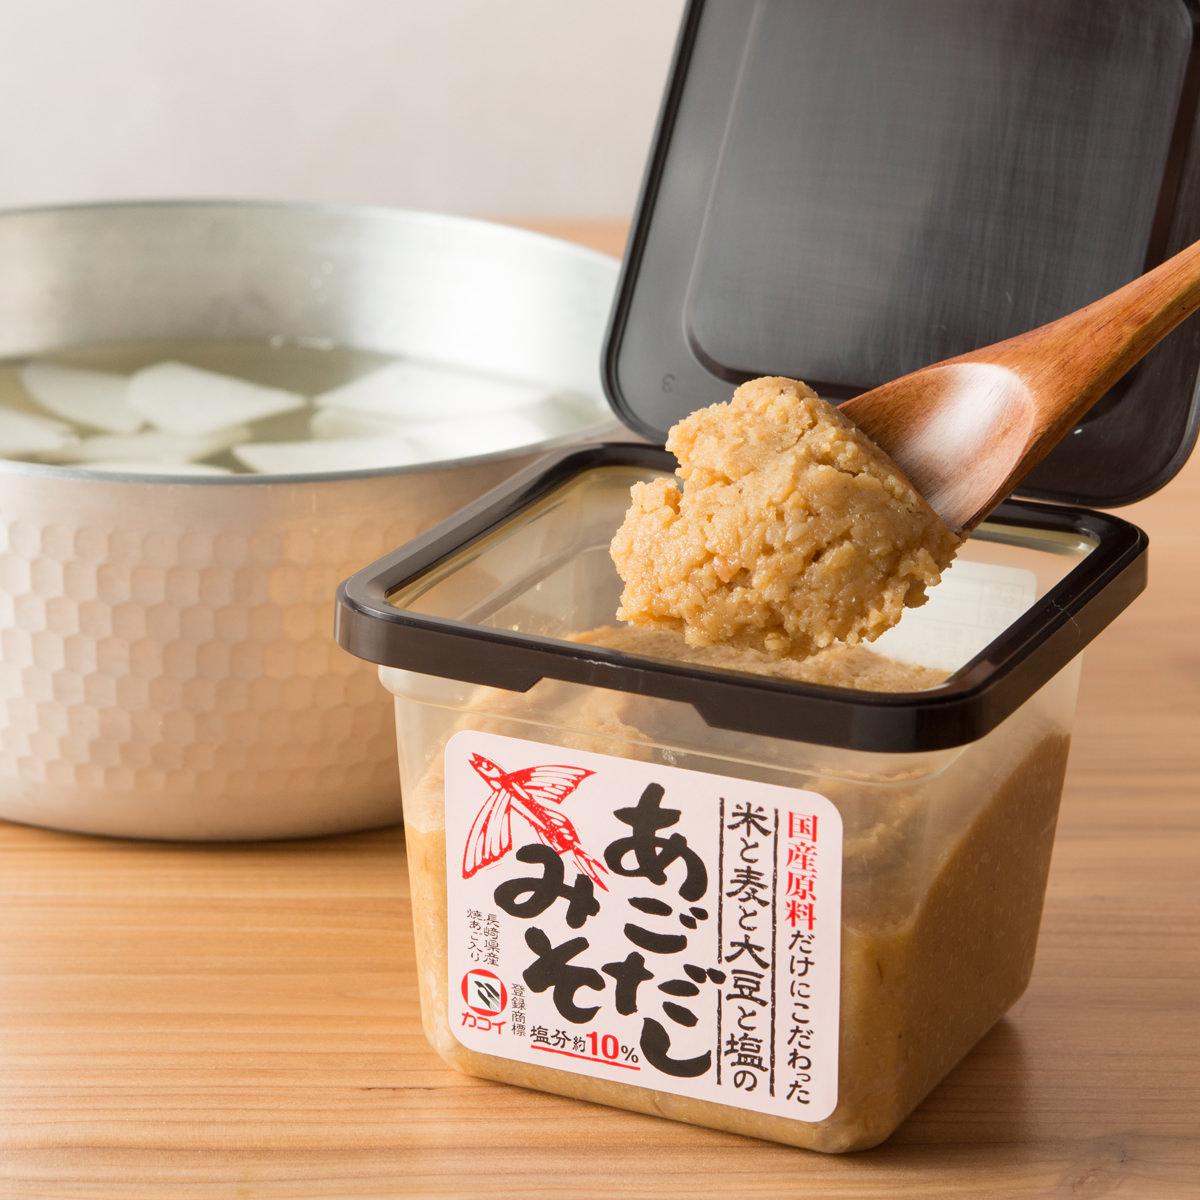 カコイ食品 長崎県産焼とびうおと国産素材の出汁入り味噌 あごだしみそ合わせセット〔400g×6〕